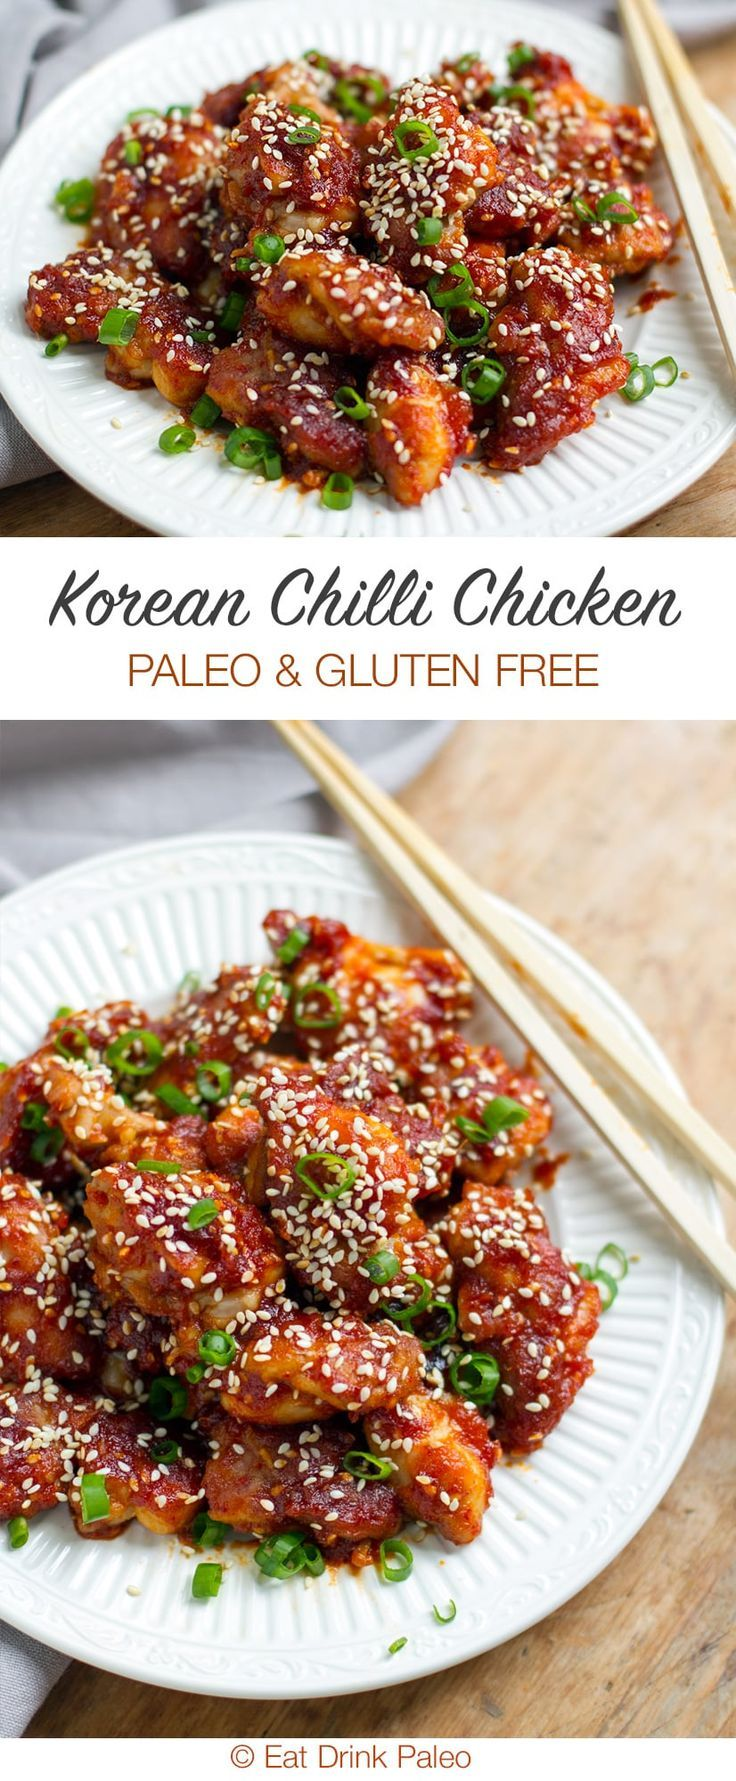 Korean Style Spicy Chicken (Paleo and Gluten-Free) | http://eatdrinkpaleo.com.au/paleo-koren-chilli-chicken-recipe/                                                                                                                                                                                 More